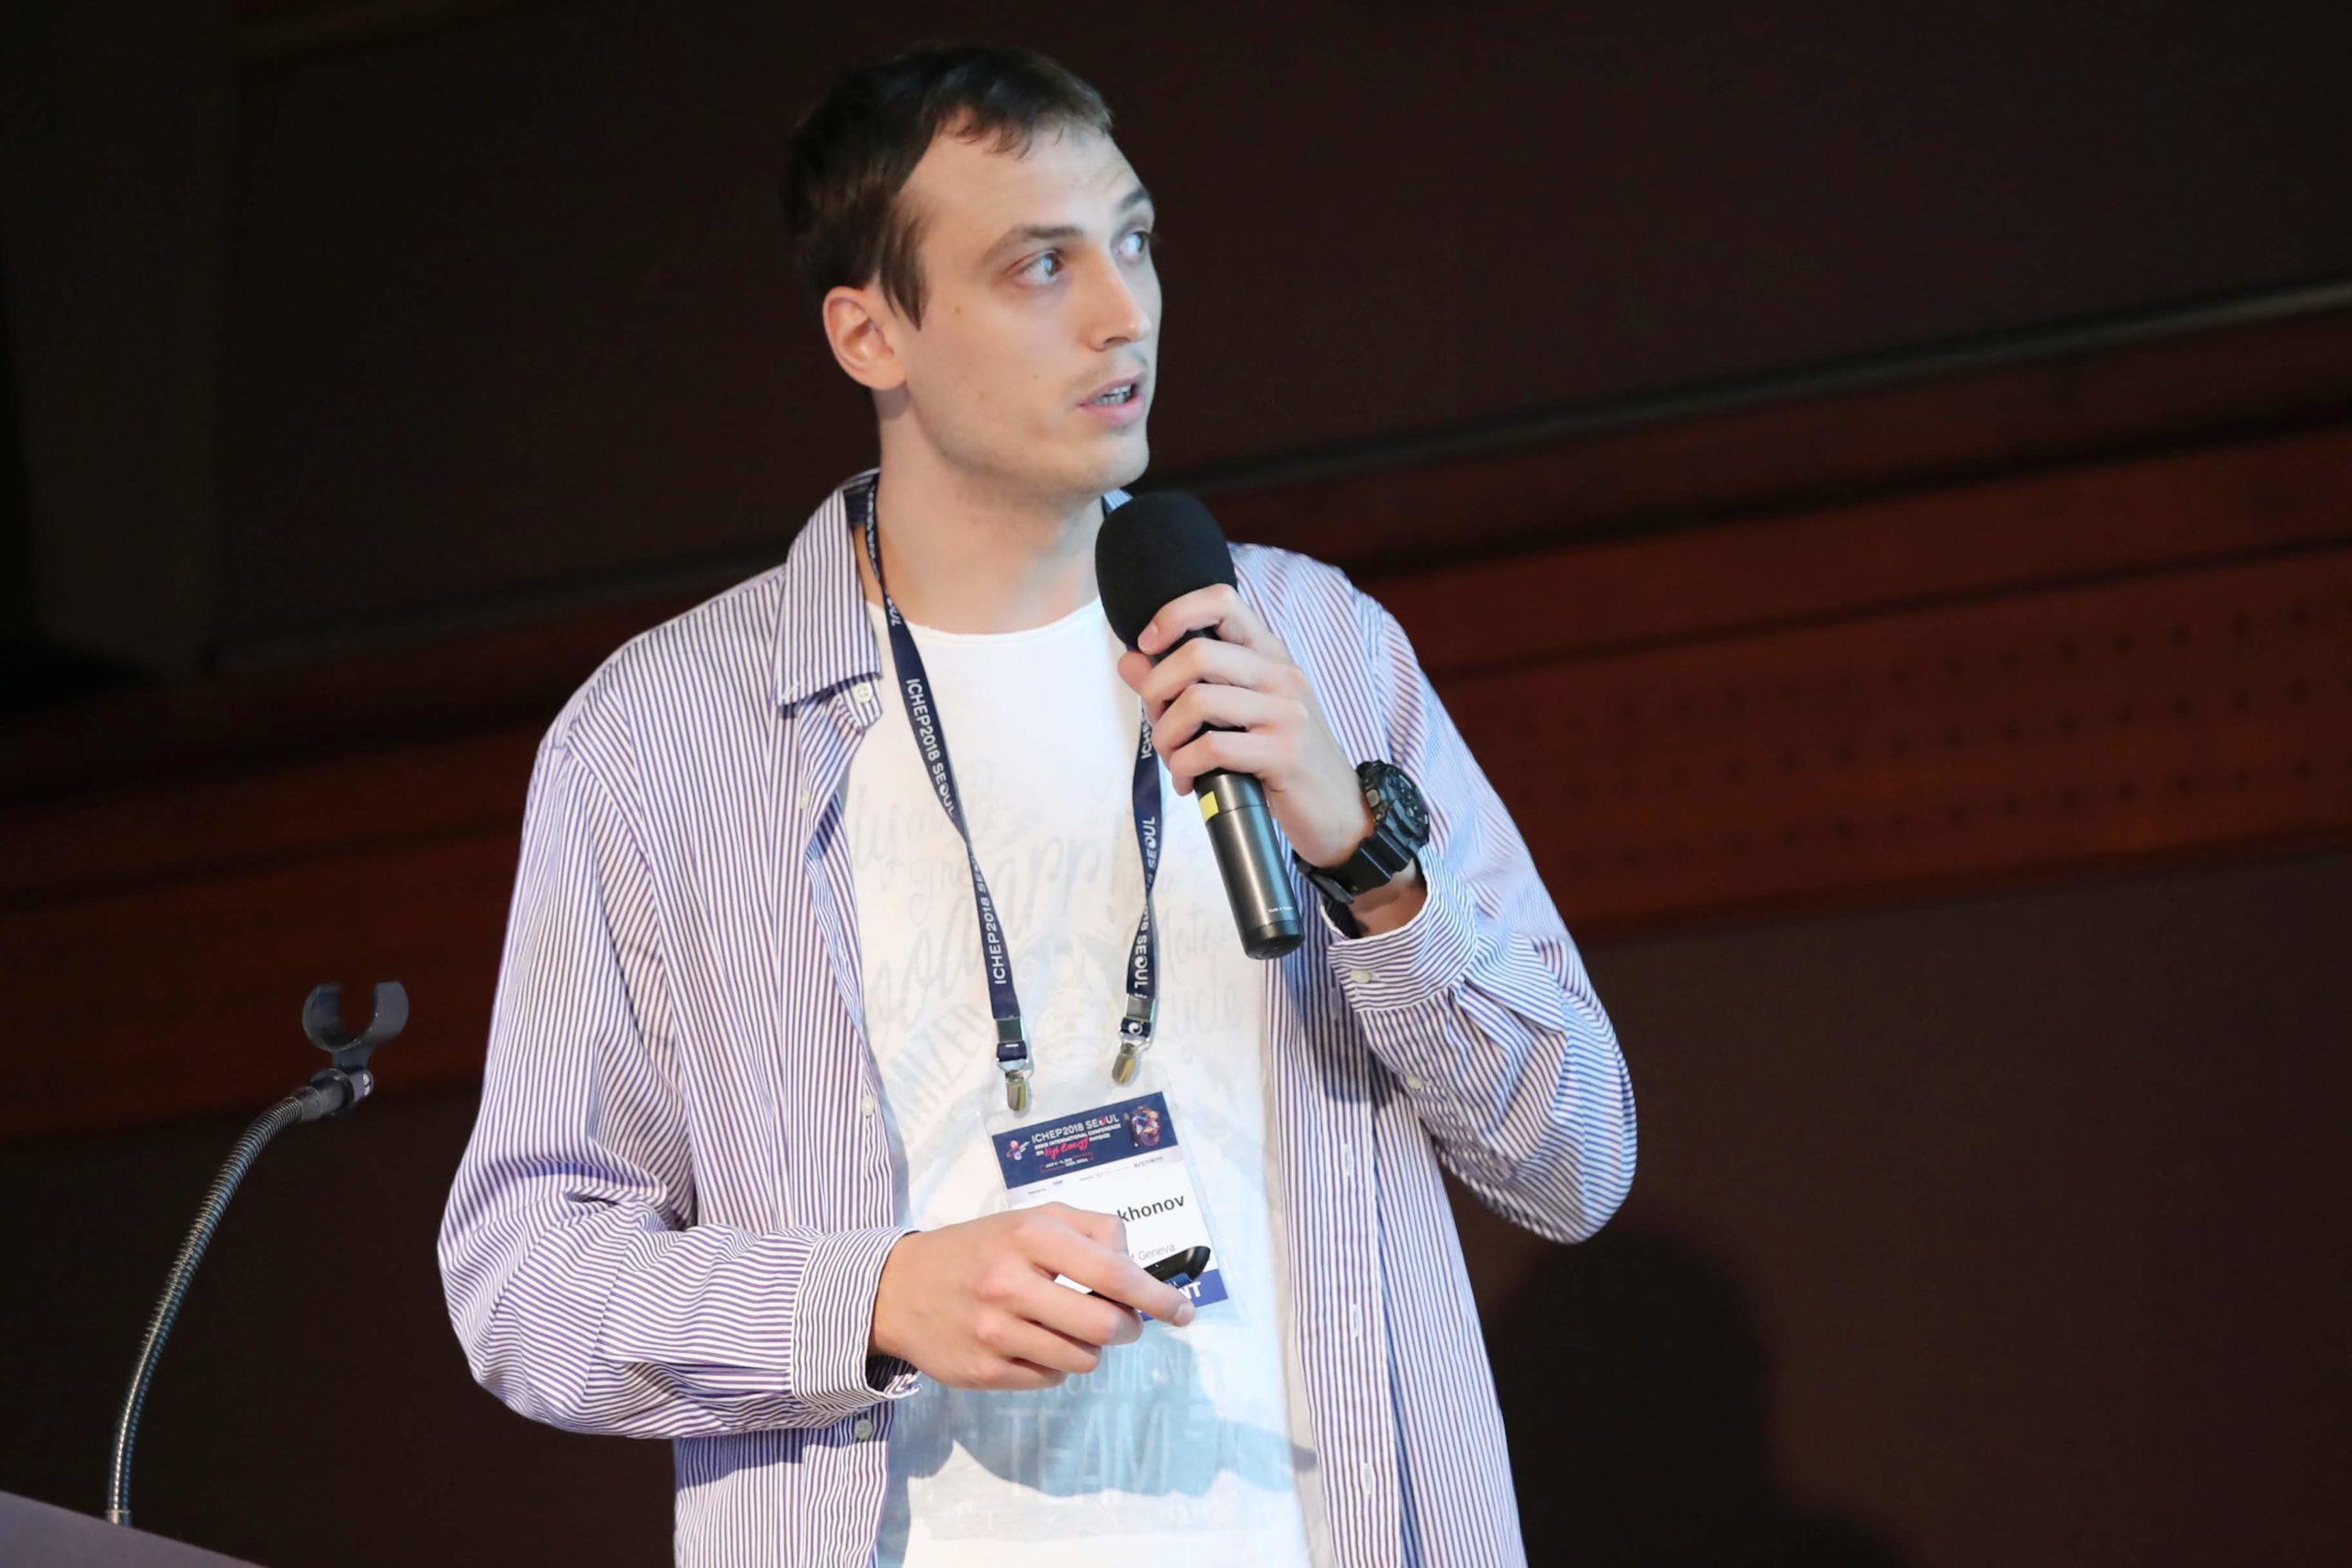 Photo of Andrii Tykhonov